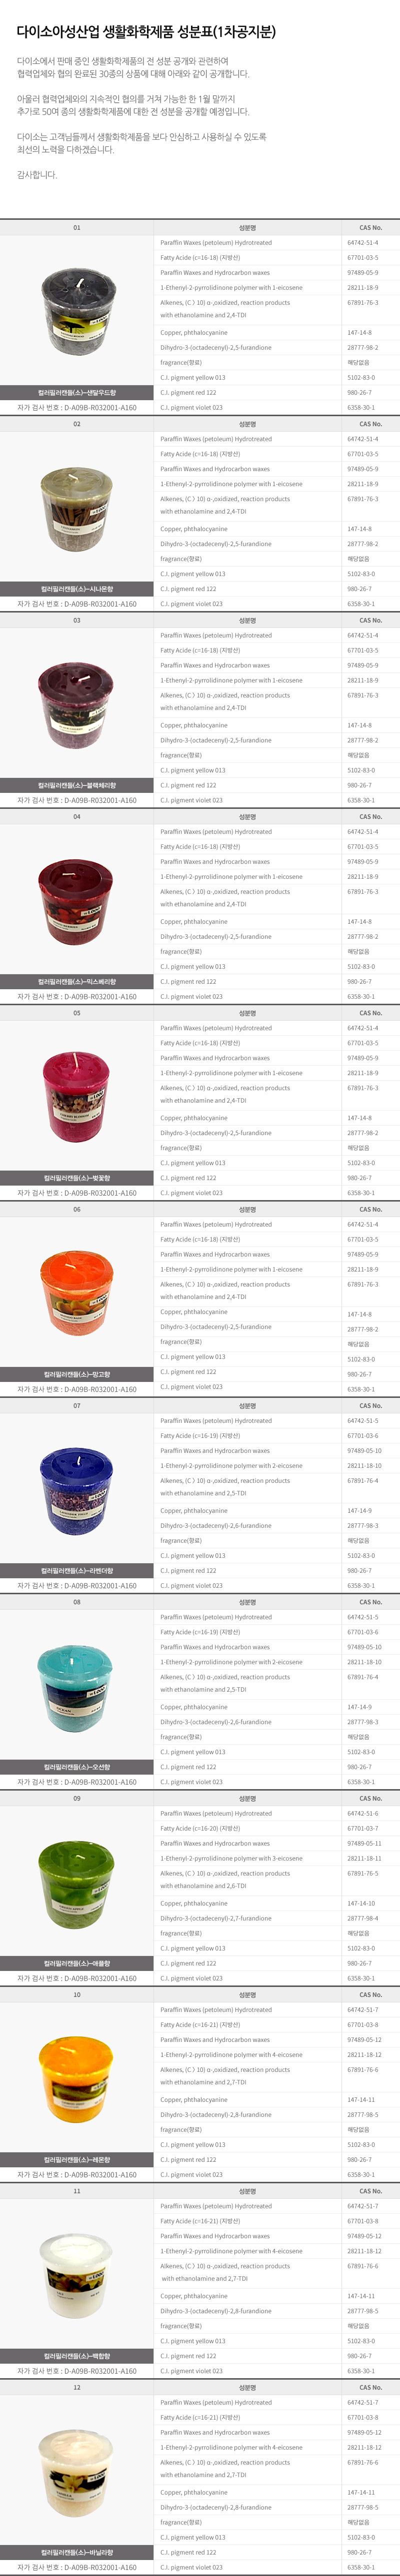 다이소아성산업 생활화학제품 성분 공개(2017.01.04 기준)